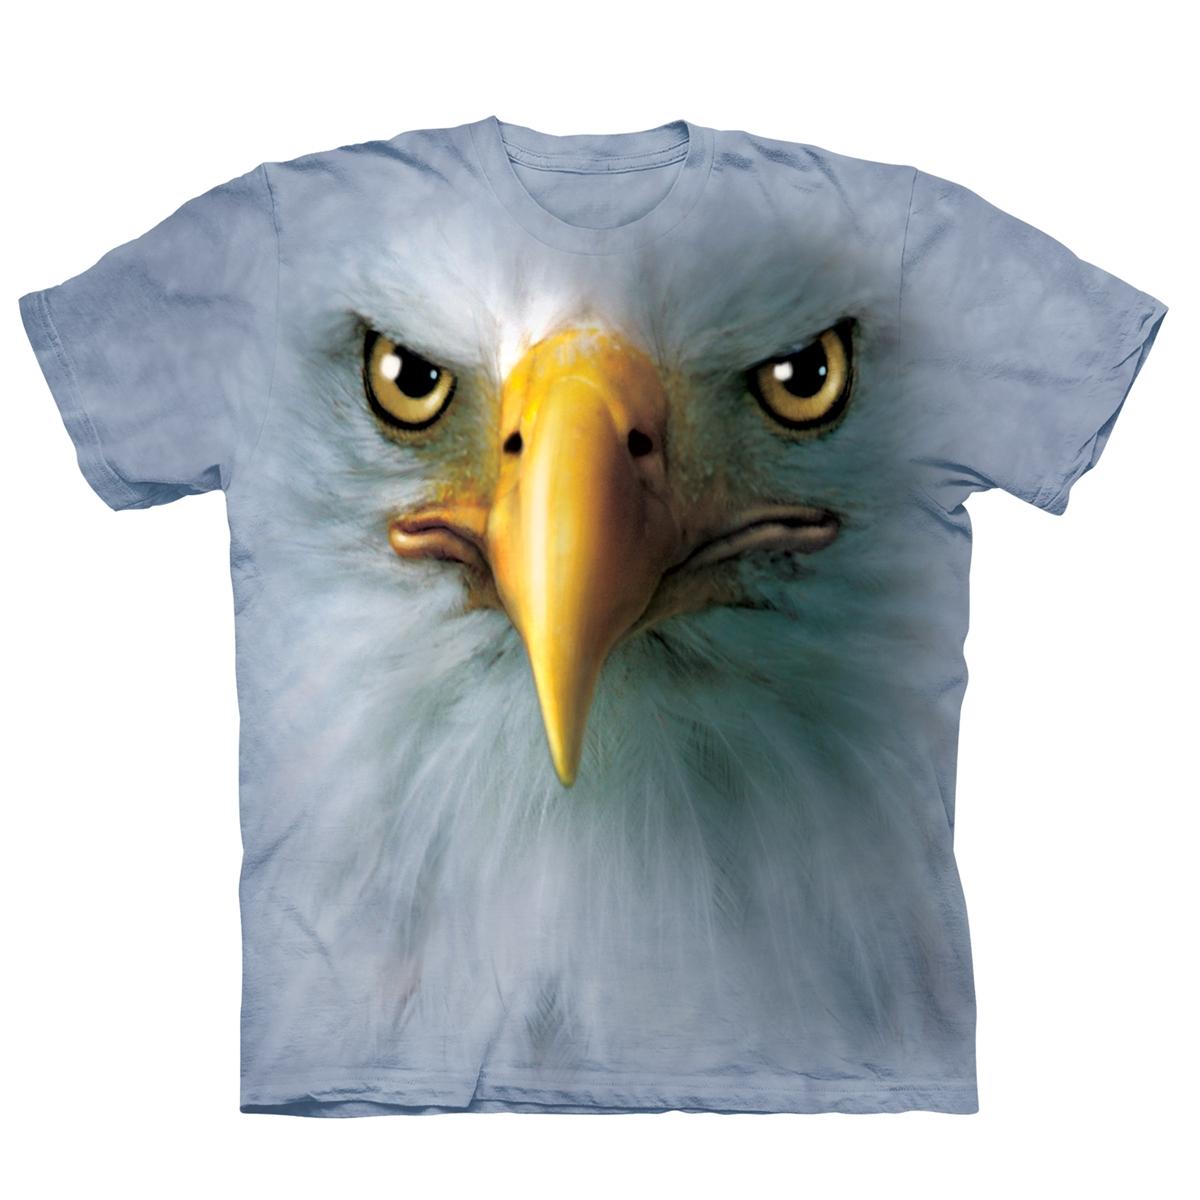 Eagle Face Tee